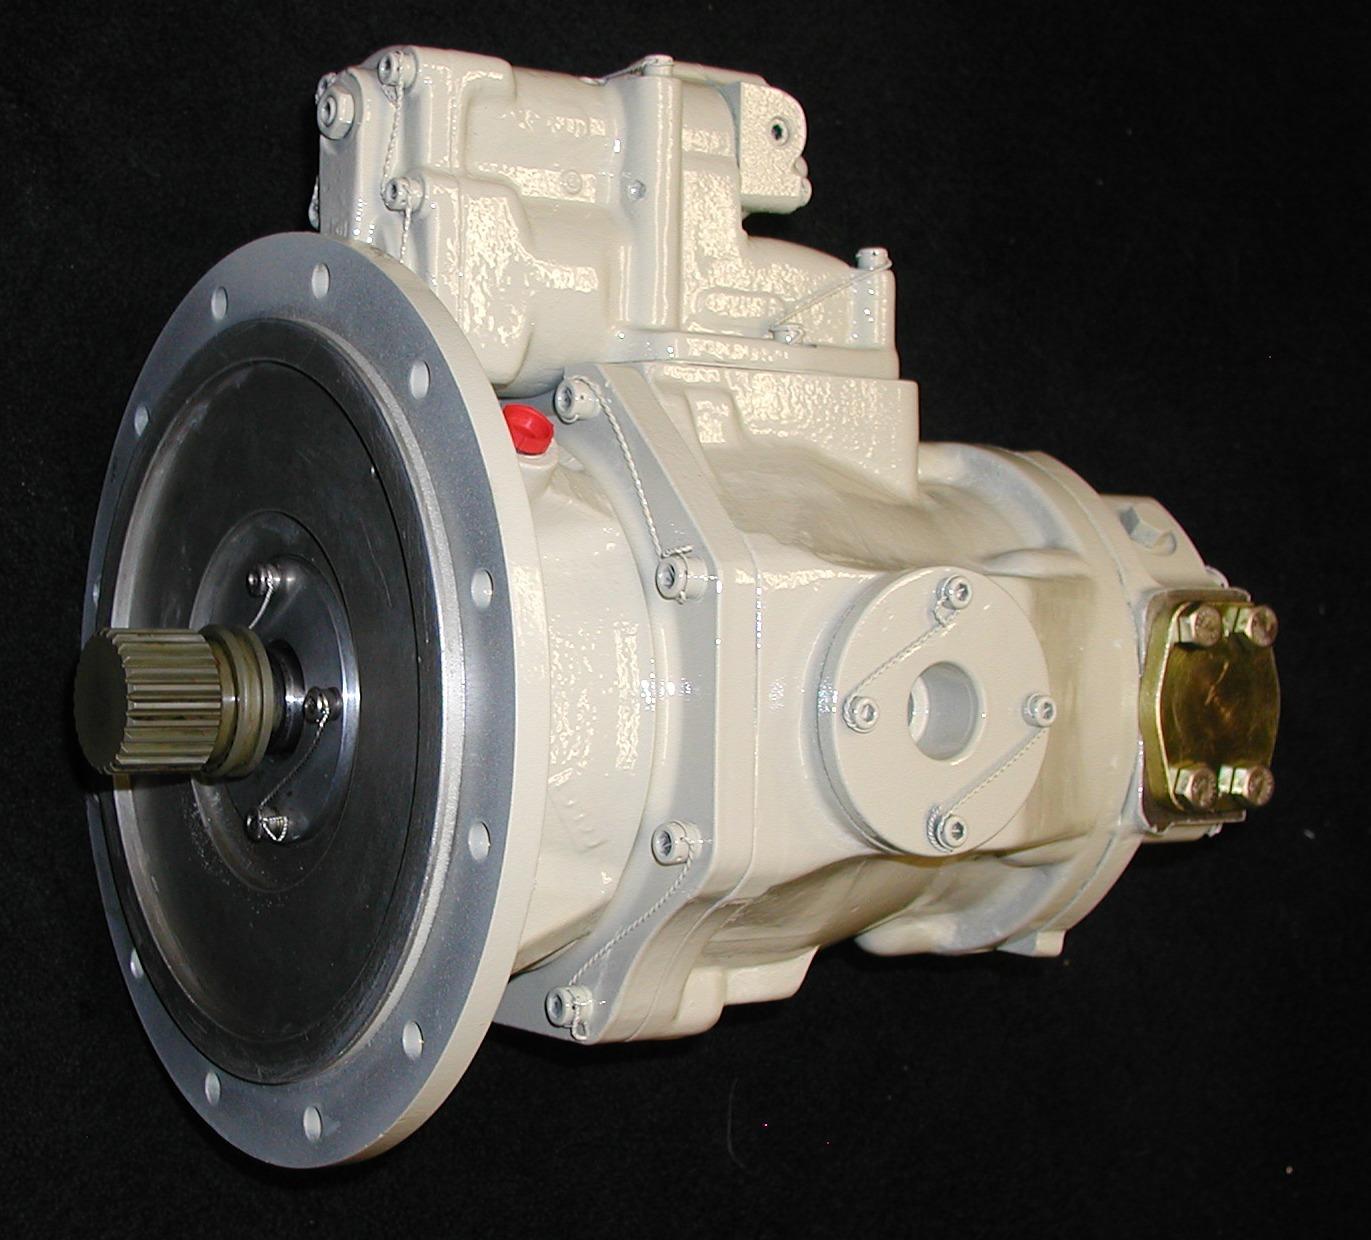 Hydra service inc Hydraulic motor testing